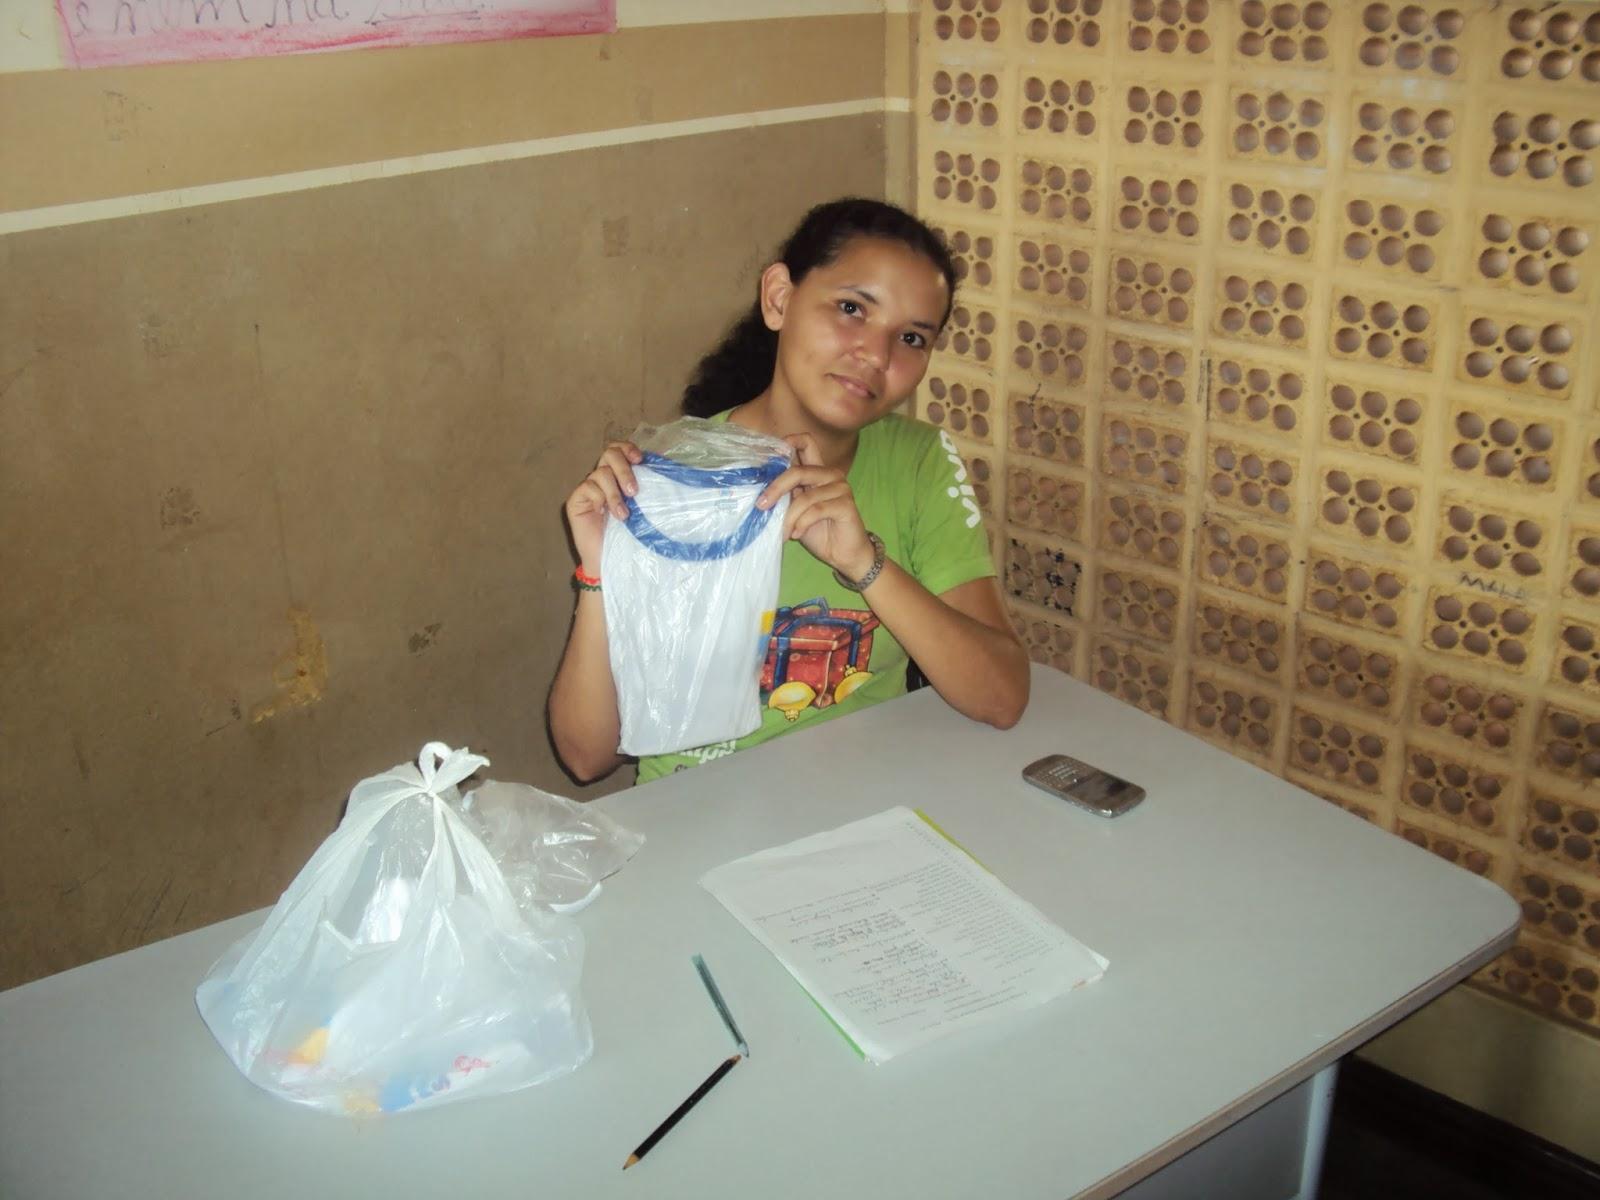 Escola Municipal Irmã Leodgard Gausepohl Produções: ESCOLA IRMÃ LEODGARD EDUCANDO PARA A VIDA! : Entrega De